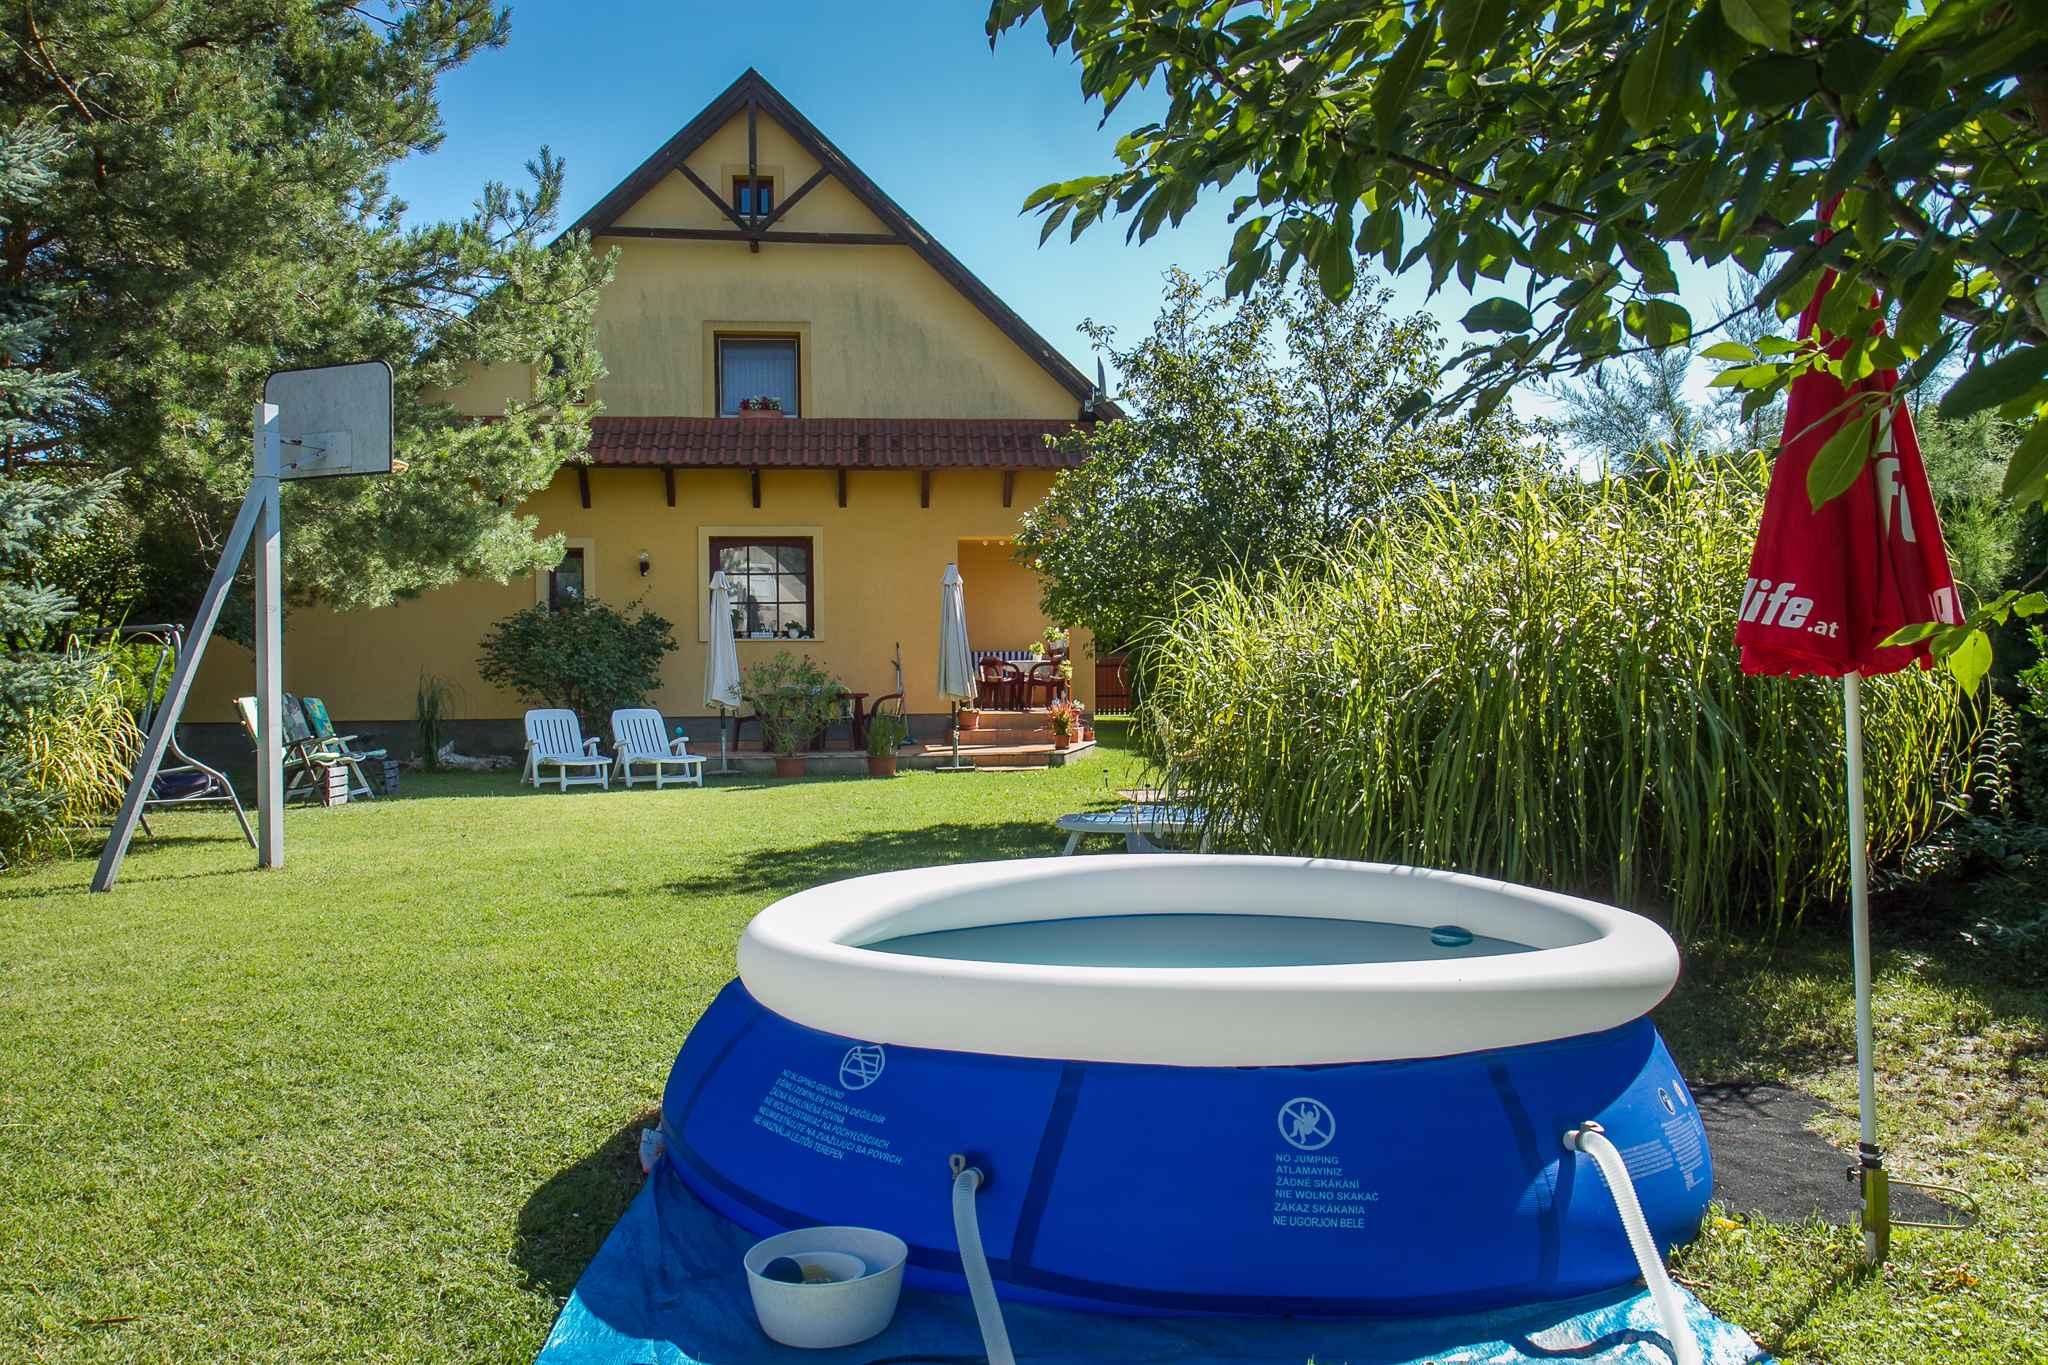 Ferienhaus mit Pool, Klimaanlage, Waschmaschine, s Ferienhaus in Ungarn